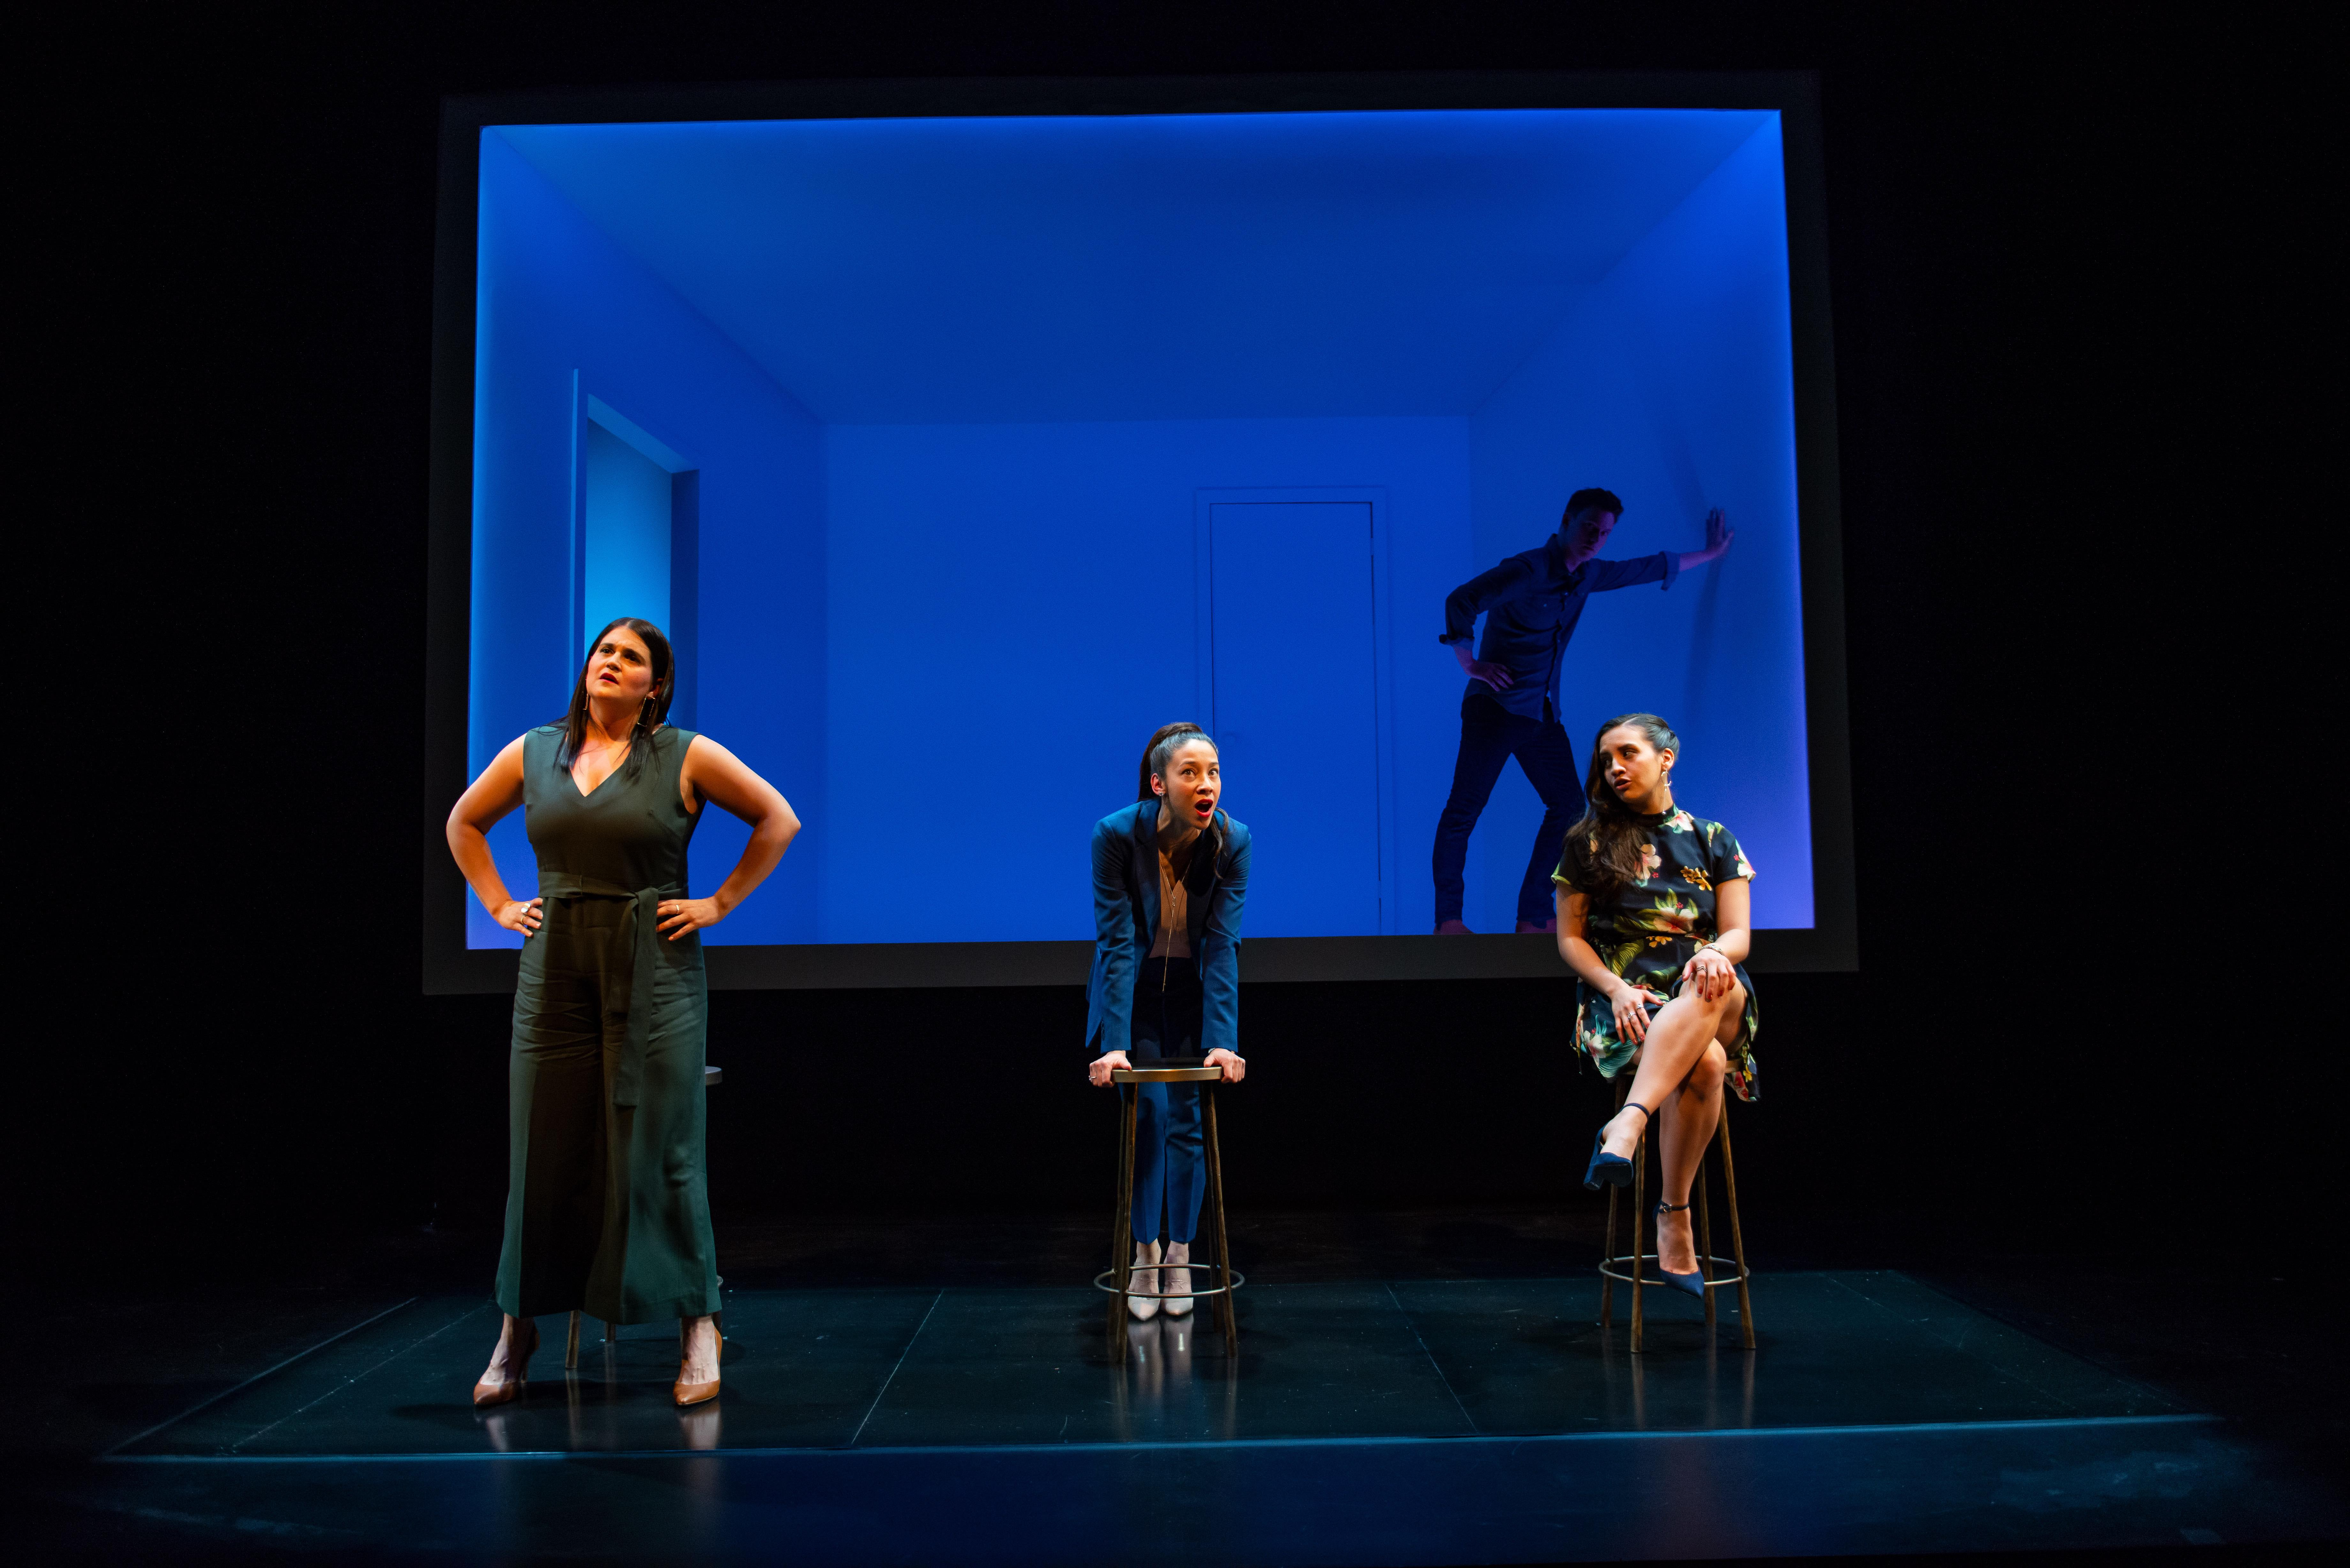 Ashley Botting, Mayko Nguyen, Jesse LaVercombe, Sofia Rodriguez-byJoseph Michael Photography 107